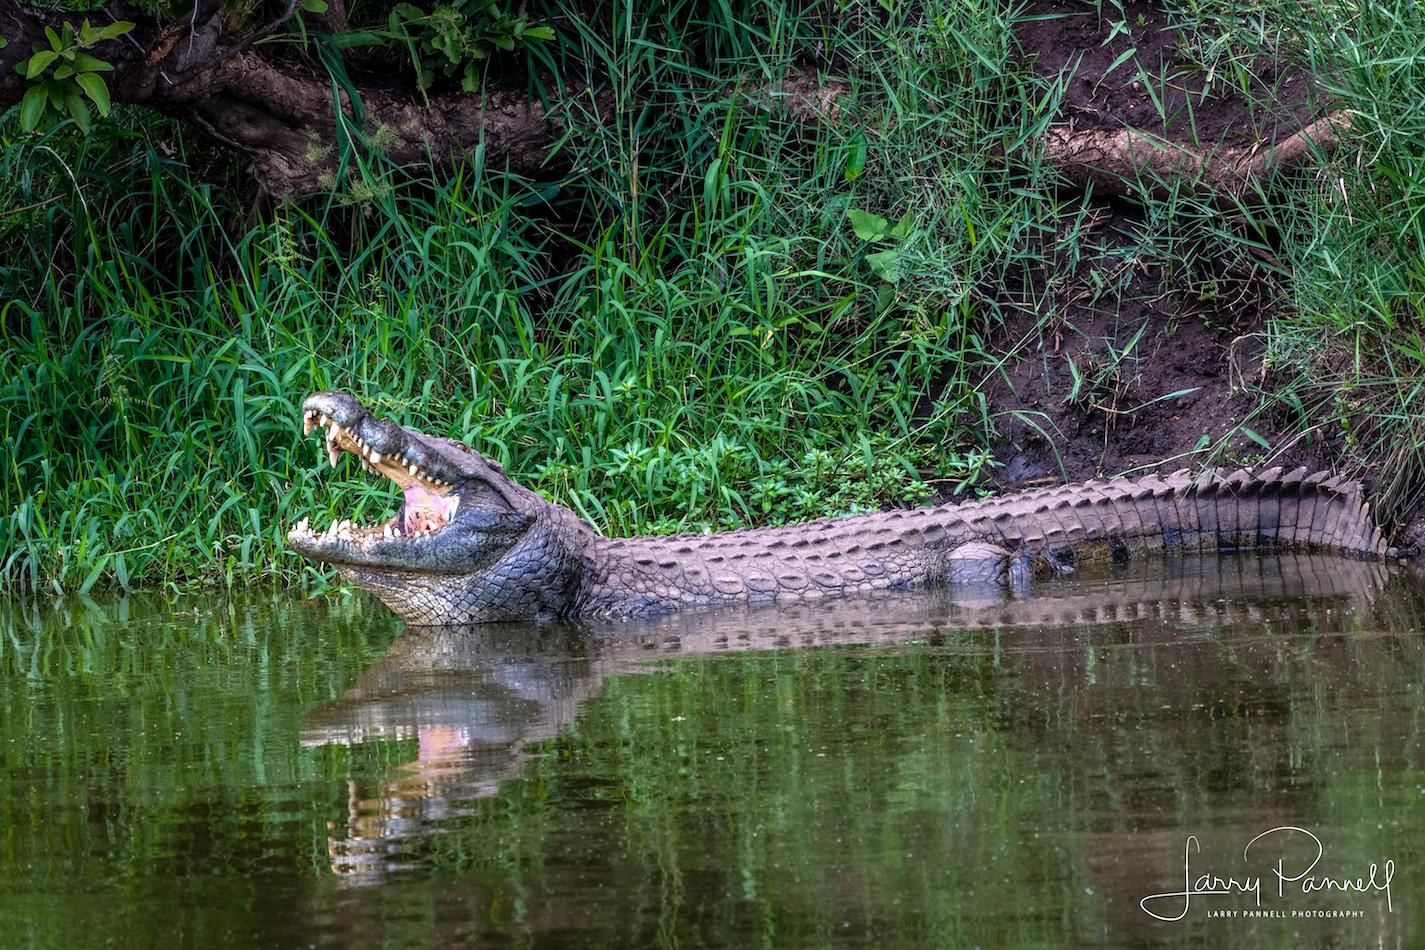 nile crocodile_kruger1 copy